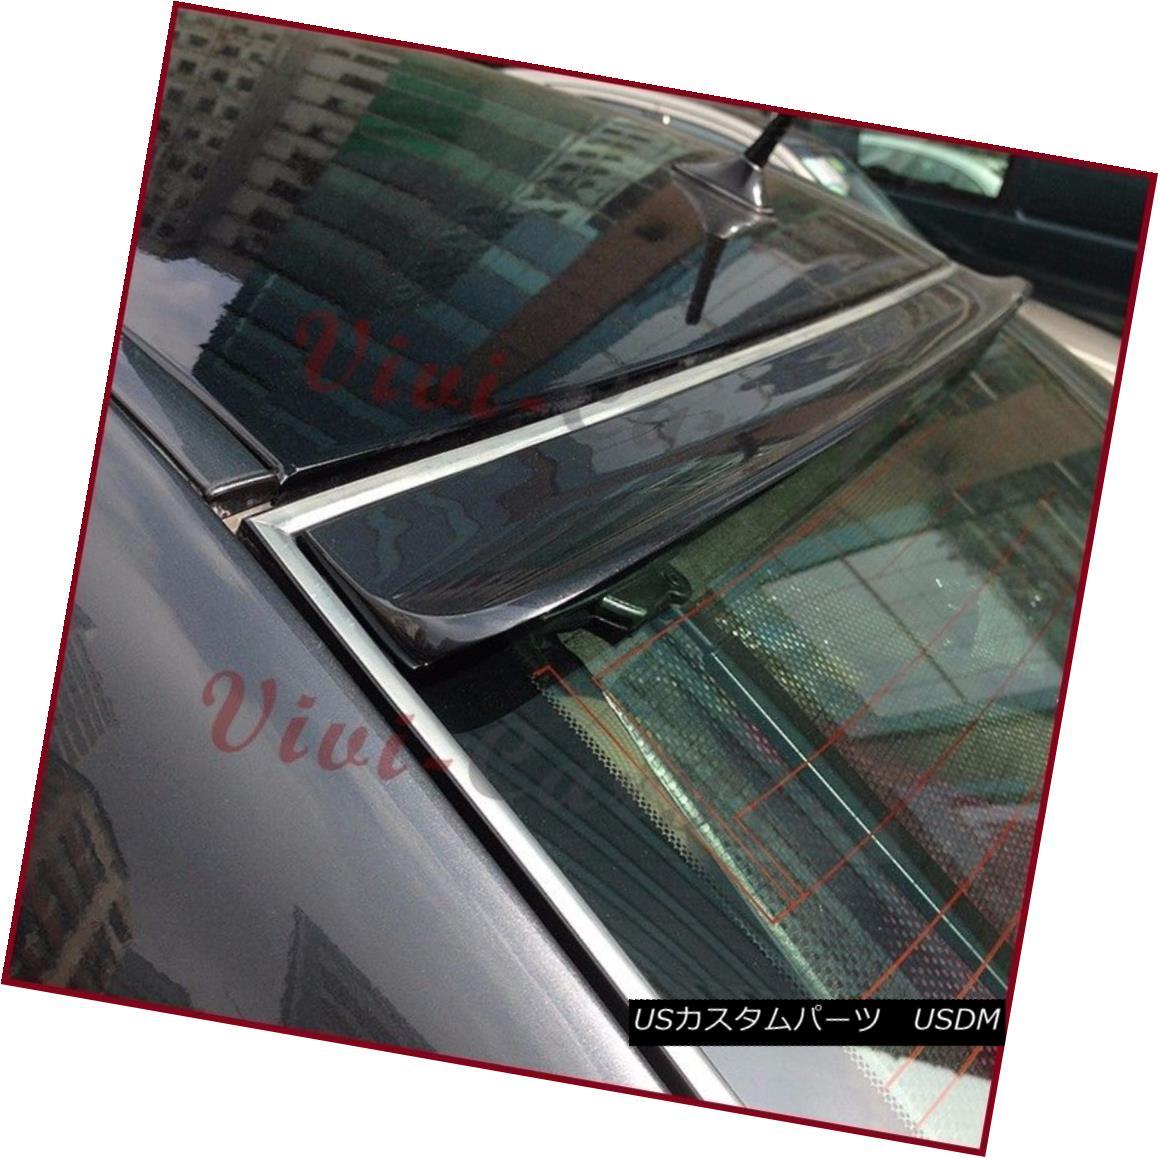 エアロパーツ Painted B Type PU Roof Spoiler For 01-06 Lexus LS430 Sedan Rear Windowshield Lip ペイントされたB型PU屋根スポイラー01-06レクサスLS430セダンリアウィンドシールドリップ